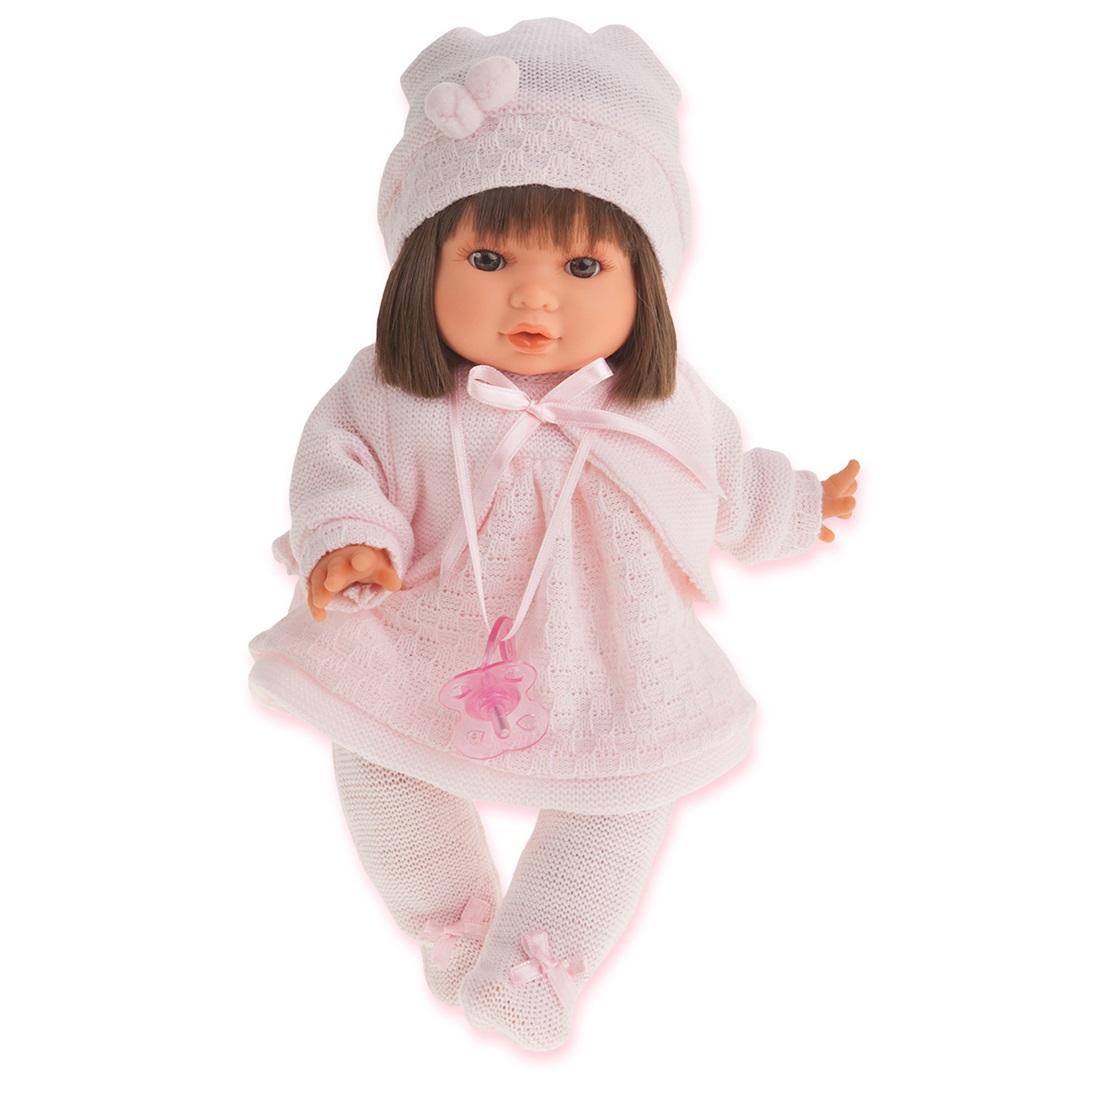 Кукла Кристи в светло-розовом, плачет, 30 см.Кукла Кристи в светло-розовом, которая представлена компанией Munecas Antonio, может заинтересовать многих девочек. Игрушка отличается правдоподобным дизайном, она очень похожа на настоящую девочку. На куклу надет костюм светло-розового цвета и вязаная шапка. Волосы игрушки можно расчесывать. Игра в дочки-матери станет более реалистичной, так как игрушка способна плакать как настоящий ребенок. Кукла изготовлена из высококачественных материалов. В процессе игры дети смогут развить воображение, заботливость и внимательность.<br>